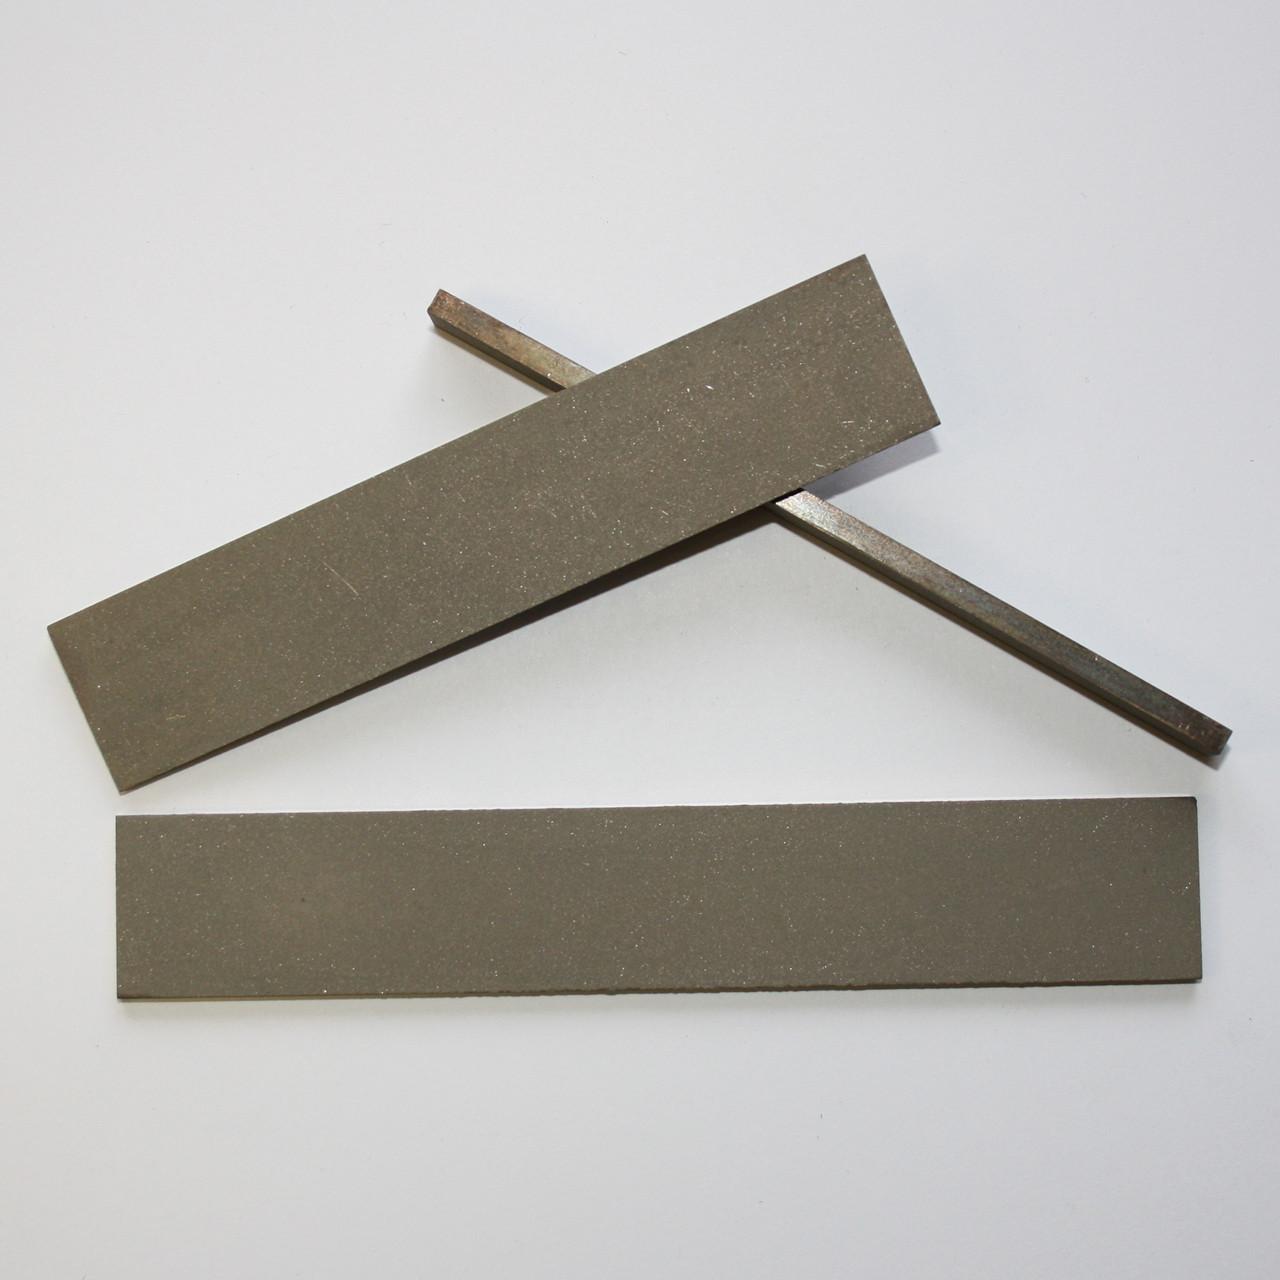 Алмазные бруски для заточки ножей 200х40х3 АСМ 40/28